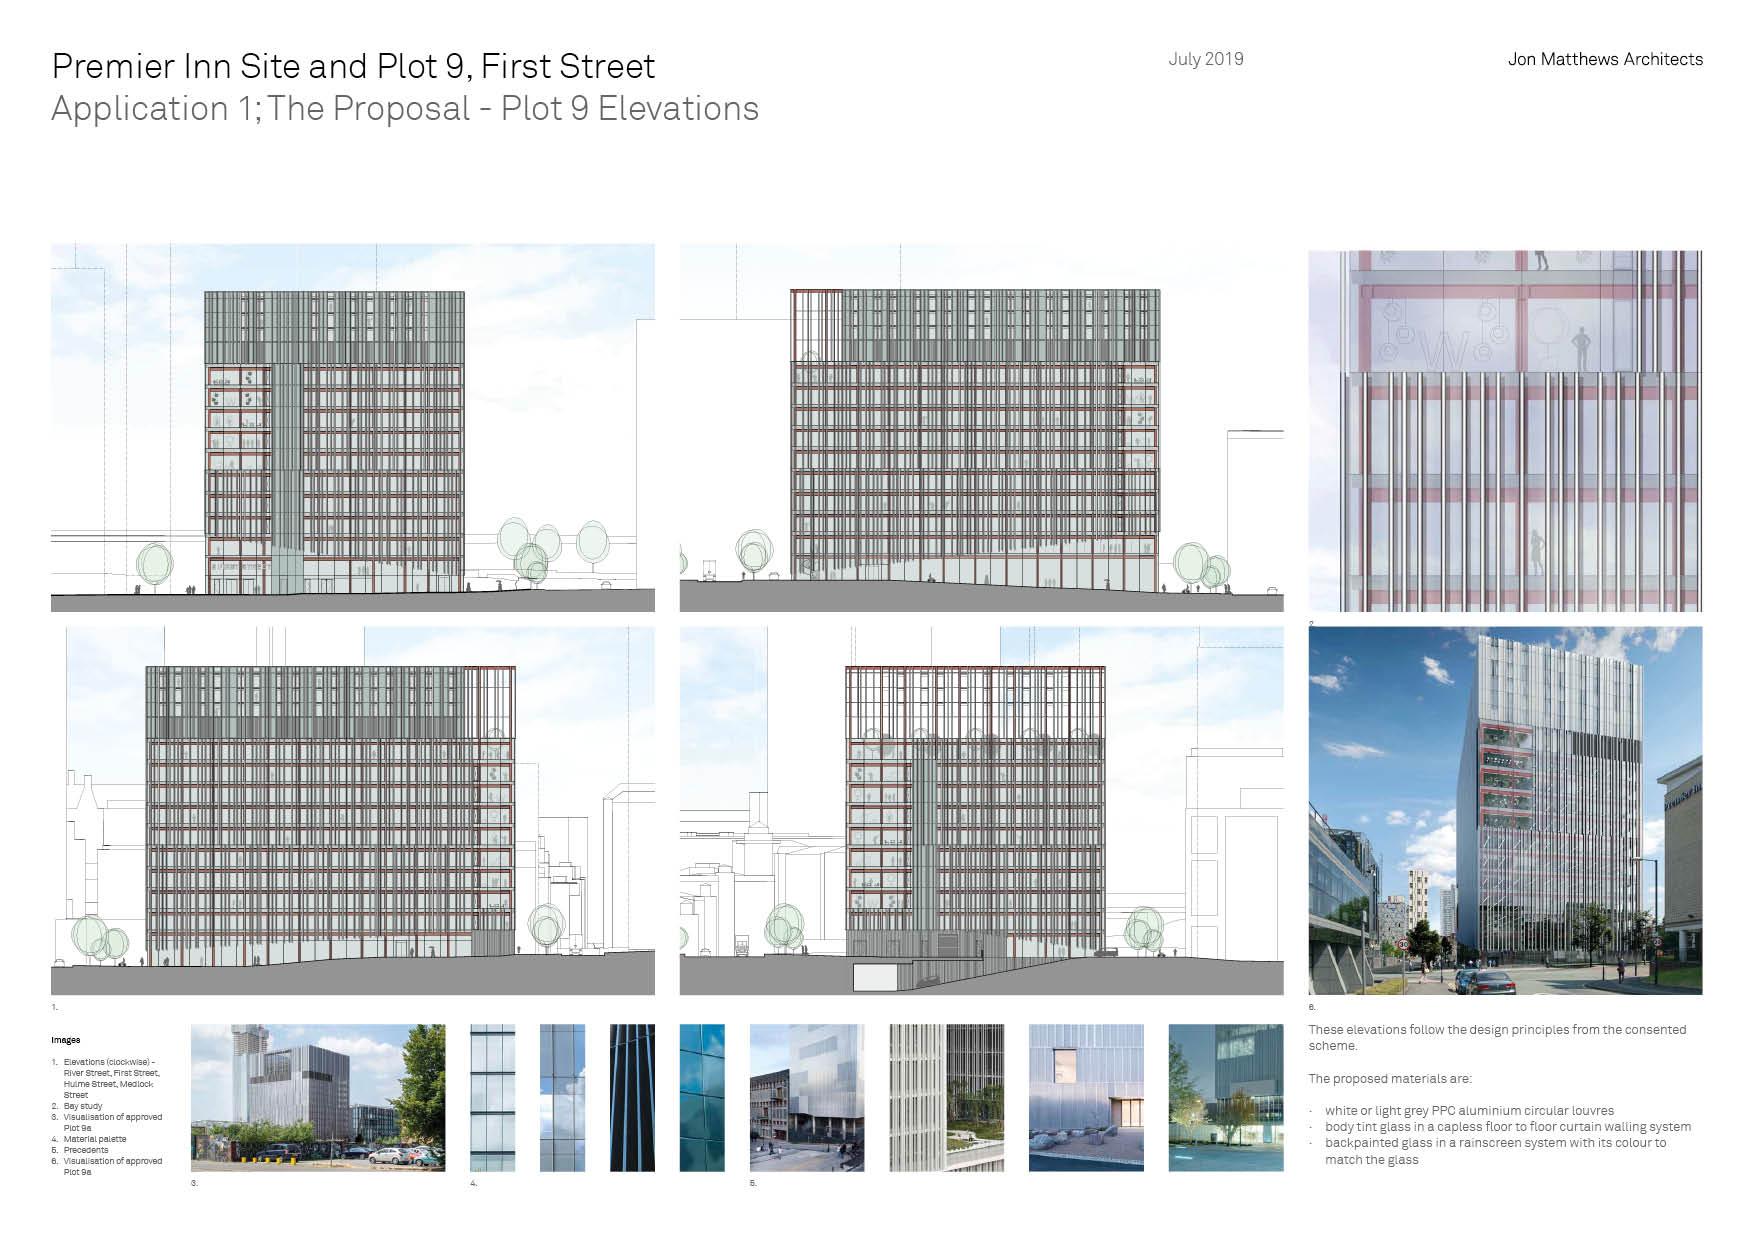 first_street_premier_inn_plot_9_9.jpg